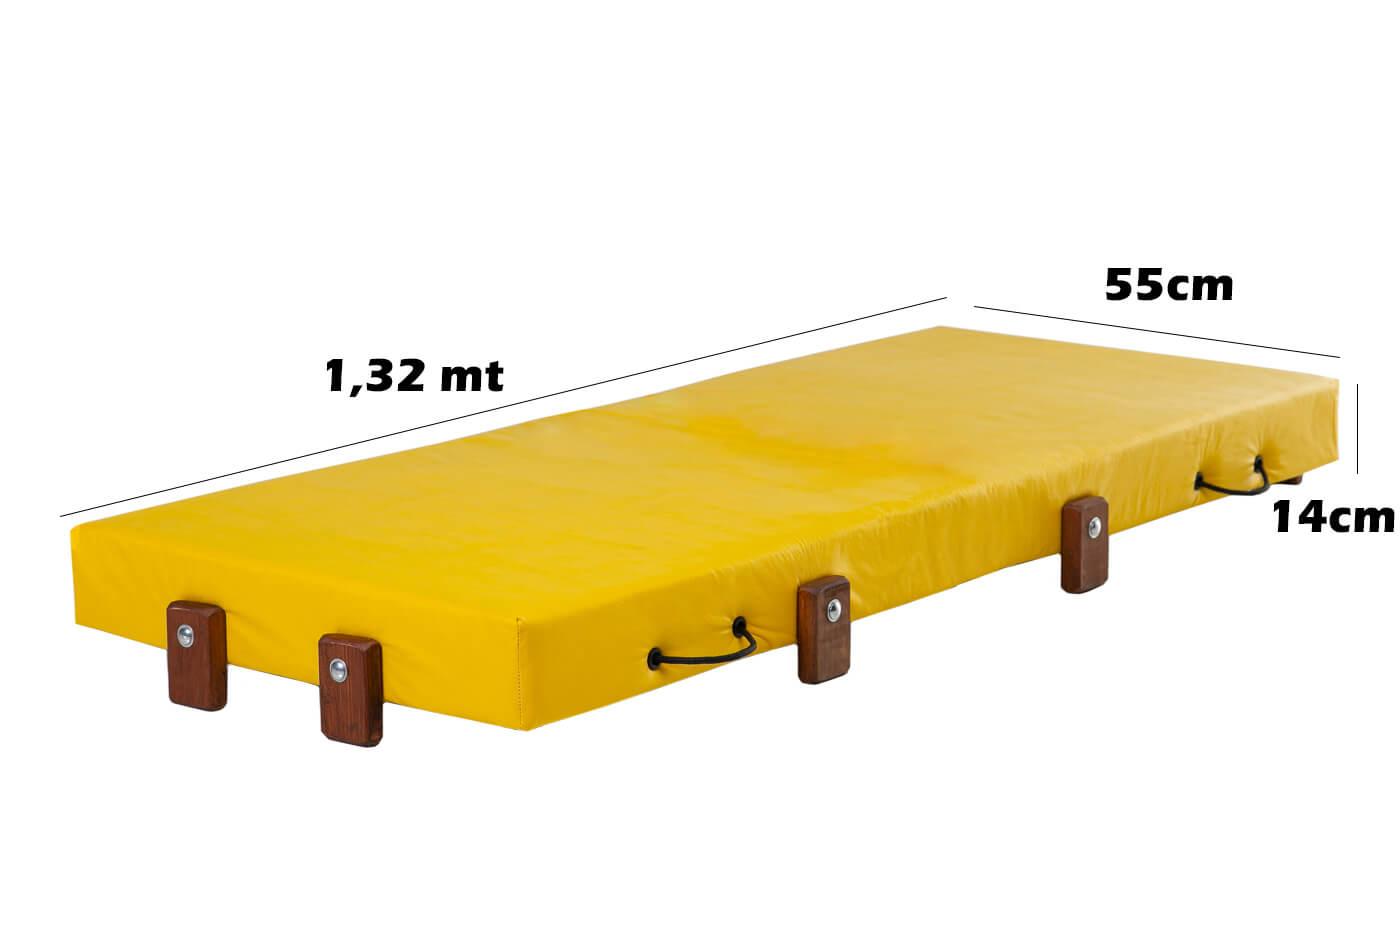 Mini Cama Infantil, Dobrável, para Creche, Escolhinha 0,55x1,32x14cm Altura  - Kenko Premium Colchões